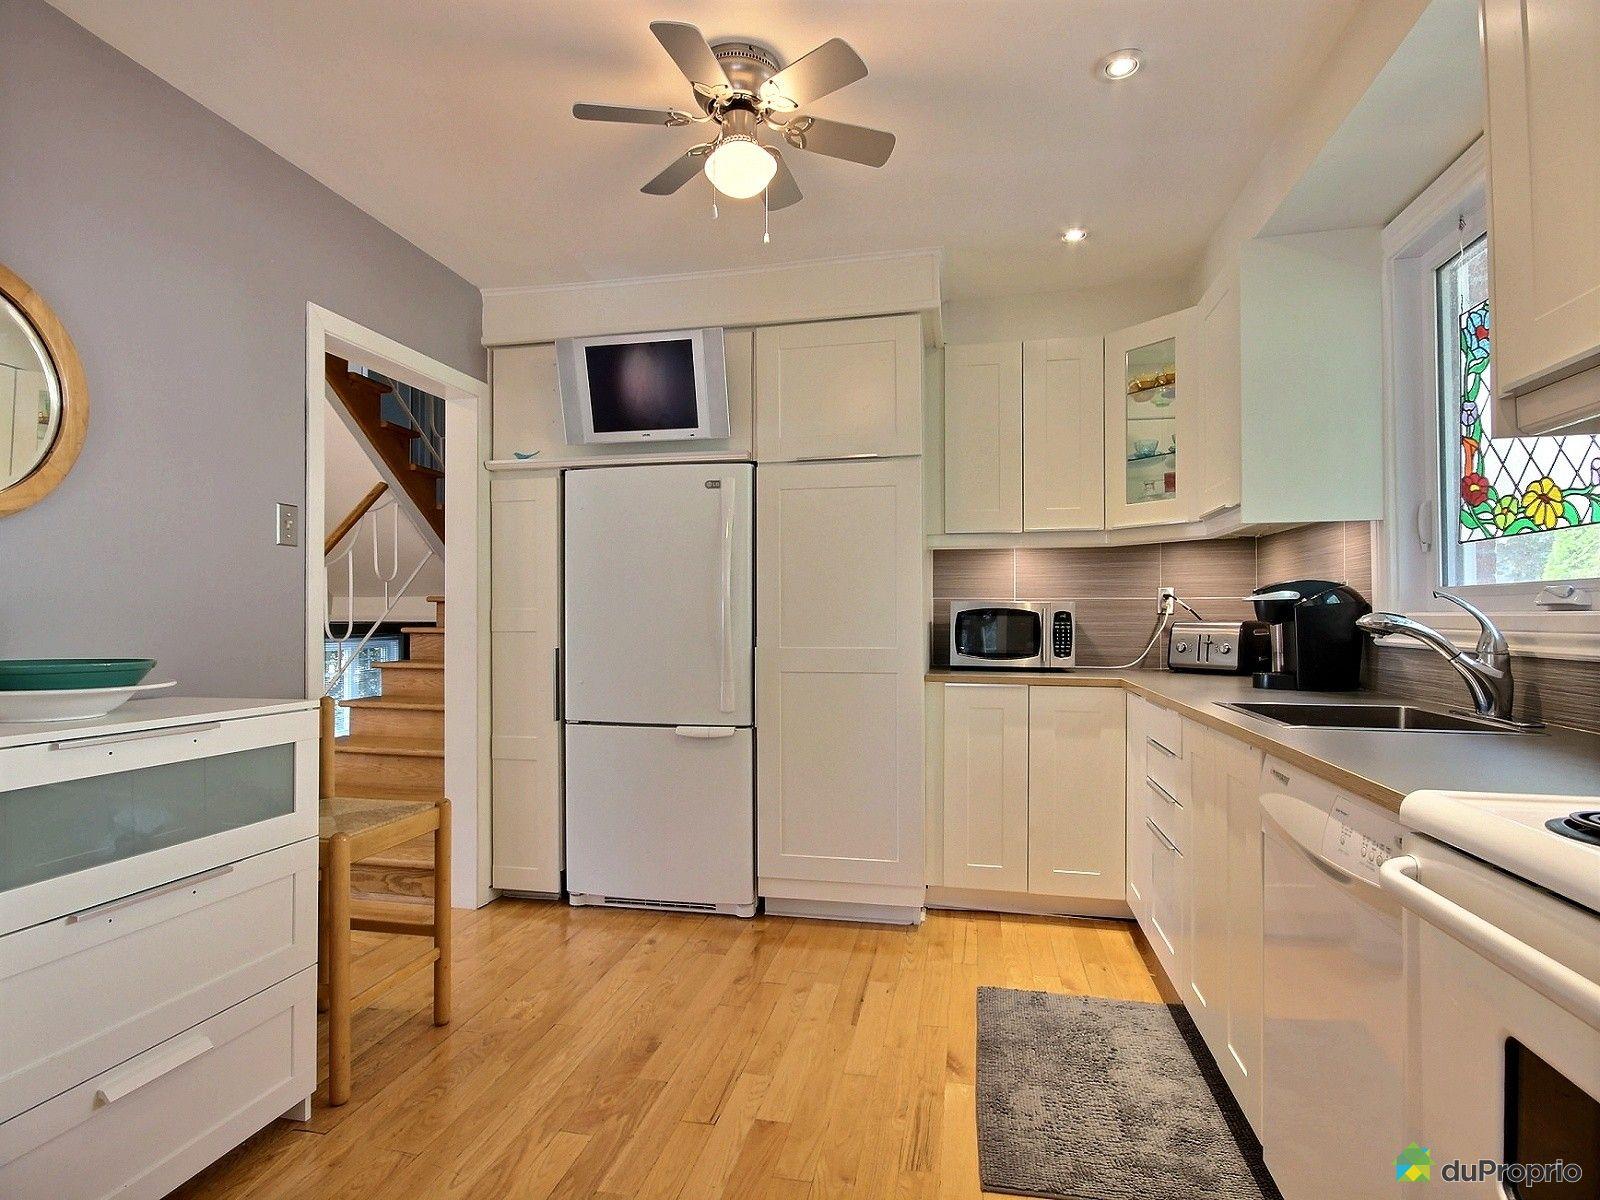 Maison vendre montr al 103 rue ashington immobilier for Ares cuisine pointe claire